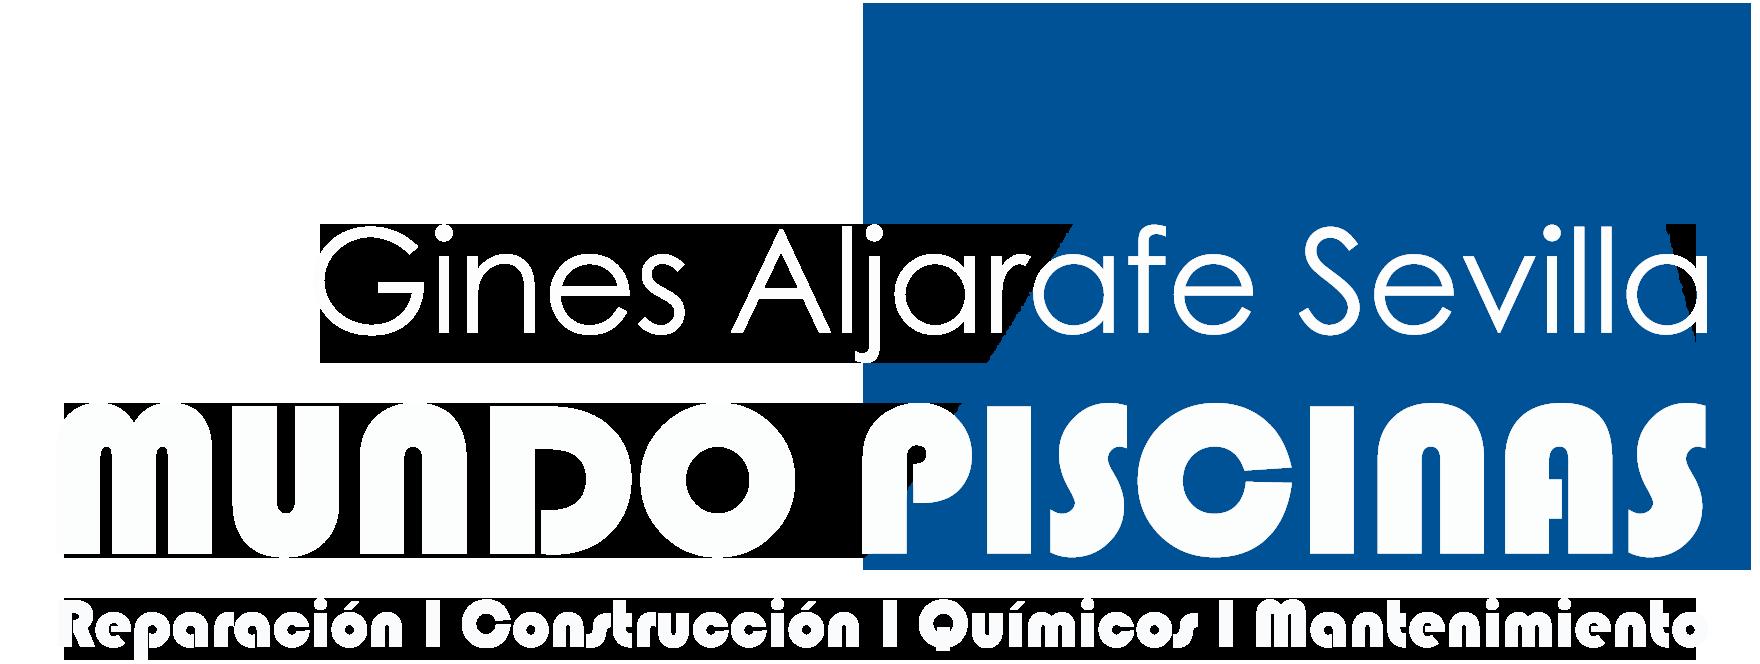 Mundo Piscinas Sevilla, construcción, mantenimiento, reparación, venta de productos para Piscinas. Gines, Aljarafe.